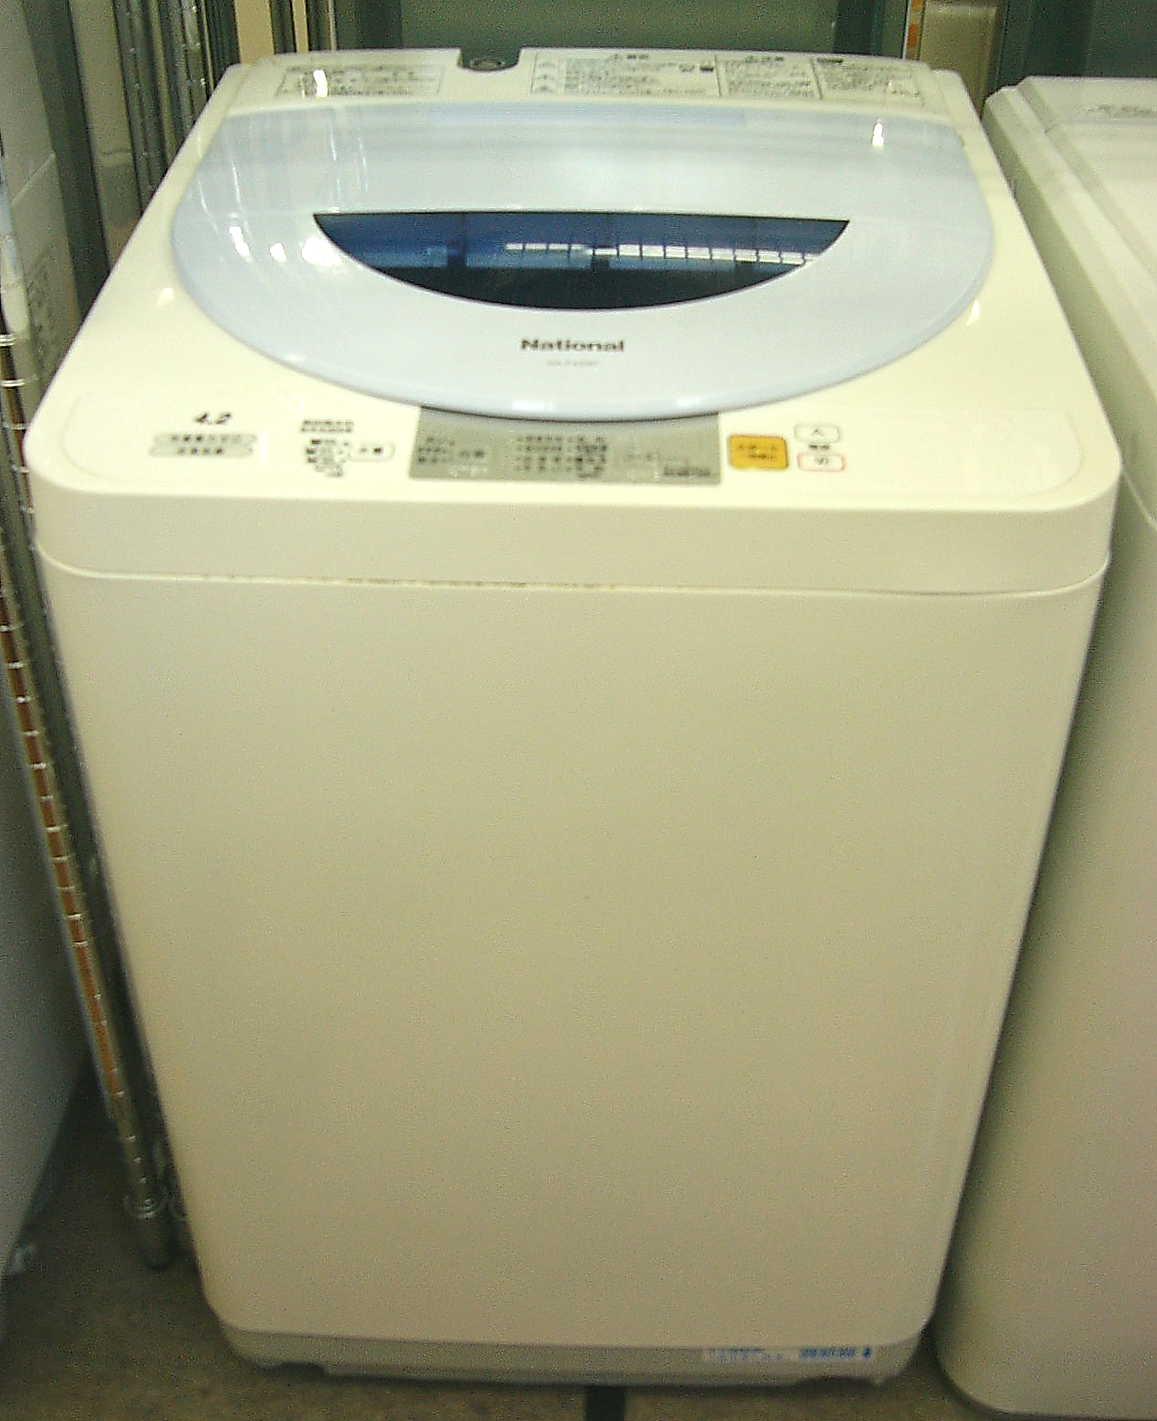 National 洗濯機 NA-F42M7